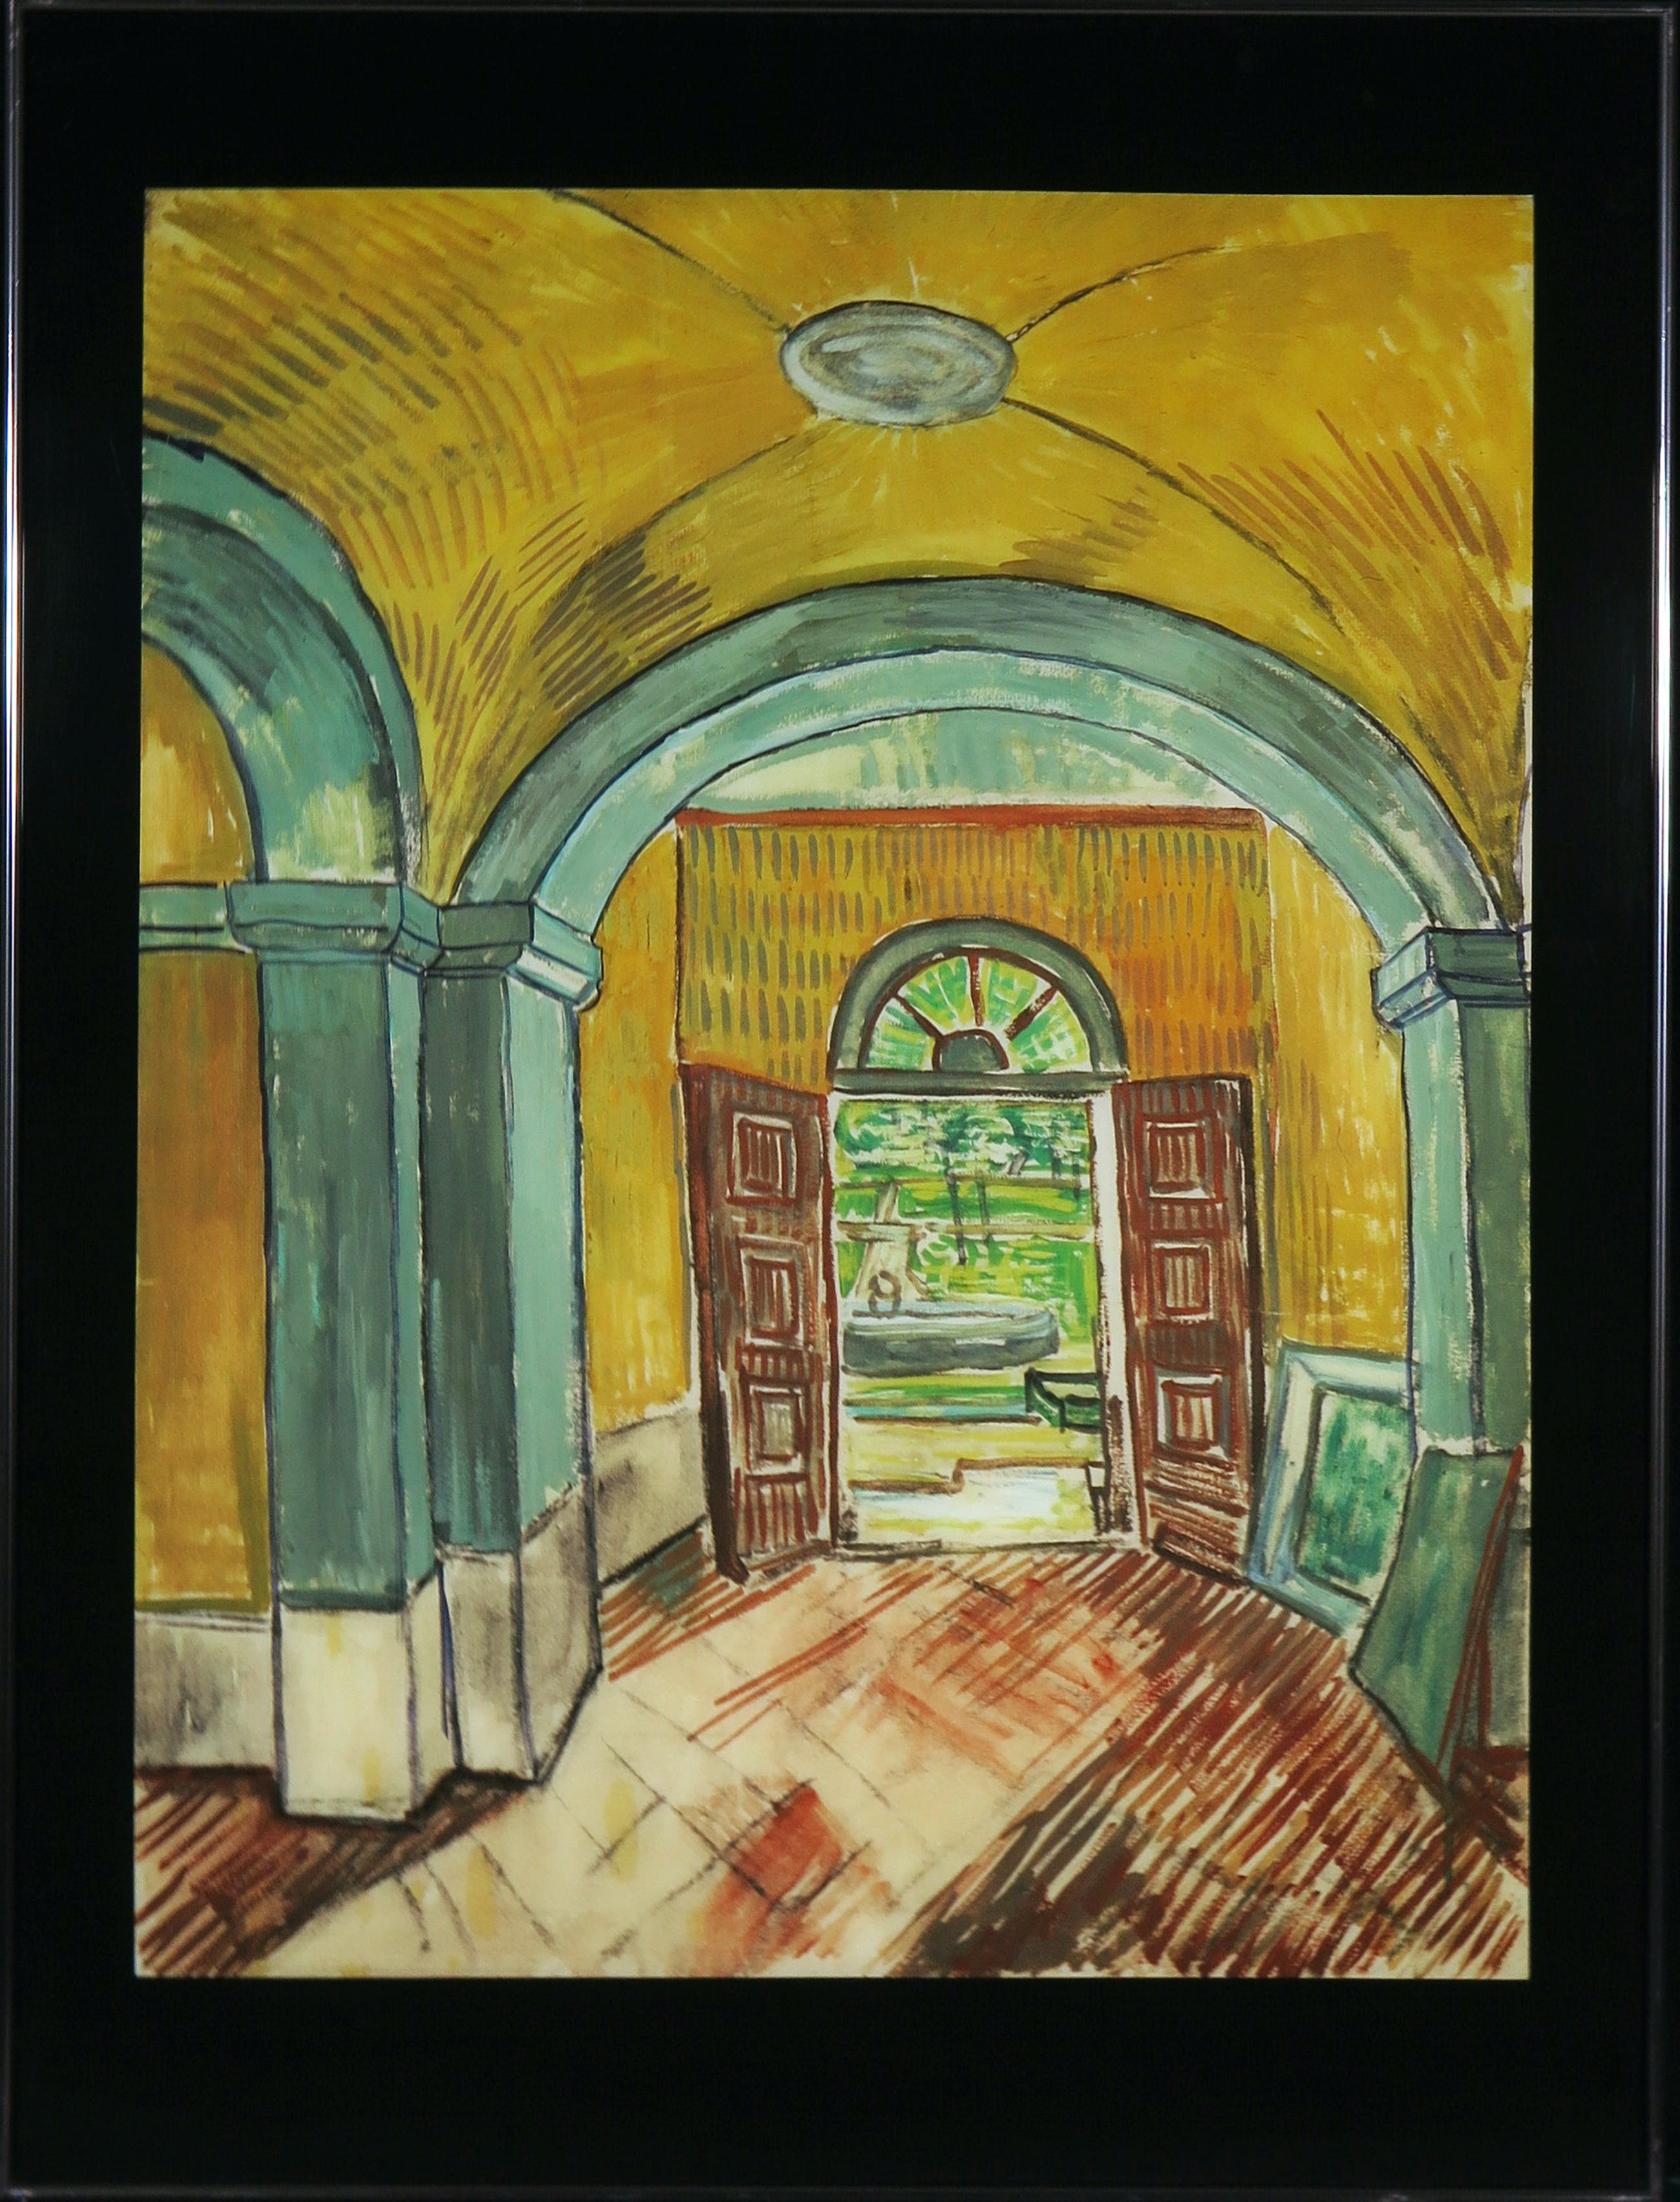 Paul Huf - Foto, Vestibule in the Asylum - Vincent van Gogh - Ingelijst kopen? Bied vanaf 1!